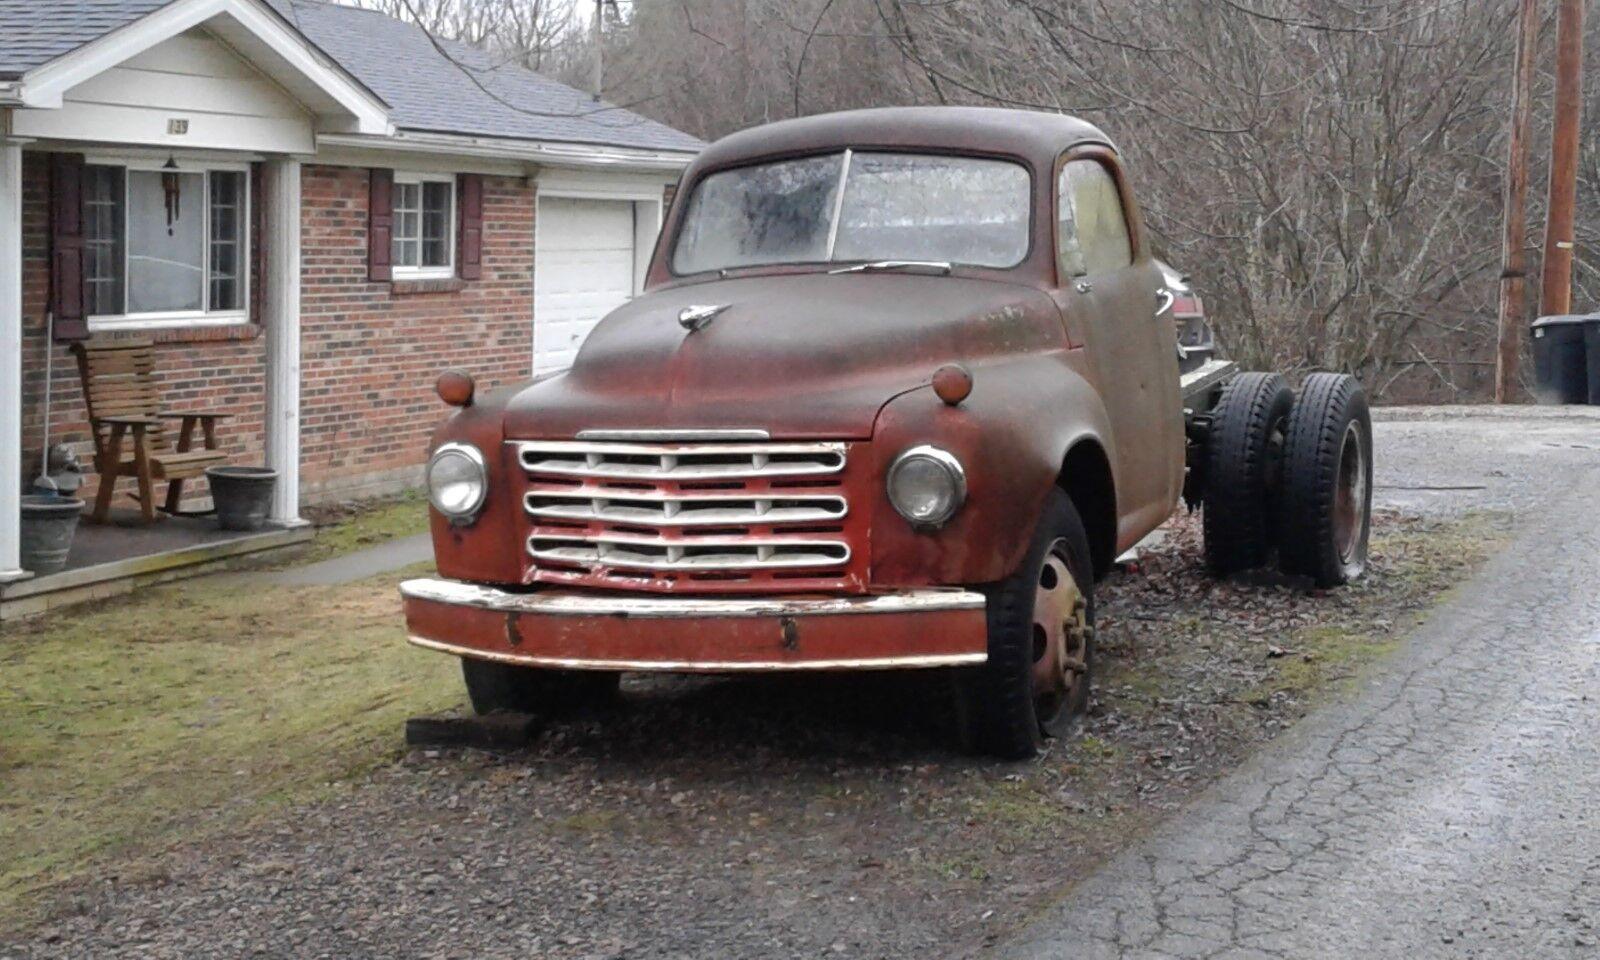 1950 Studebaker R Series  1950 Studebaker Truck  Short wheelbase